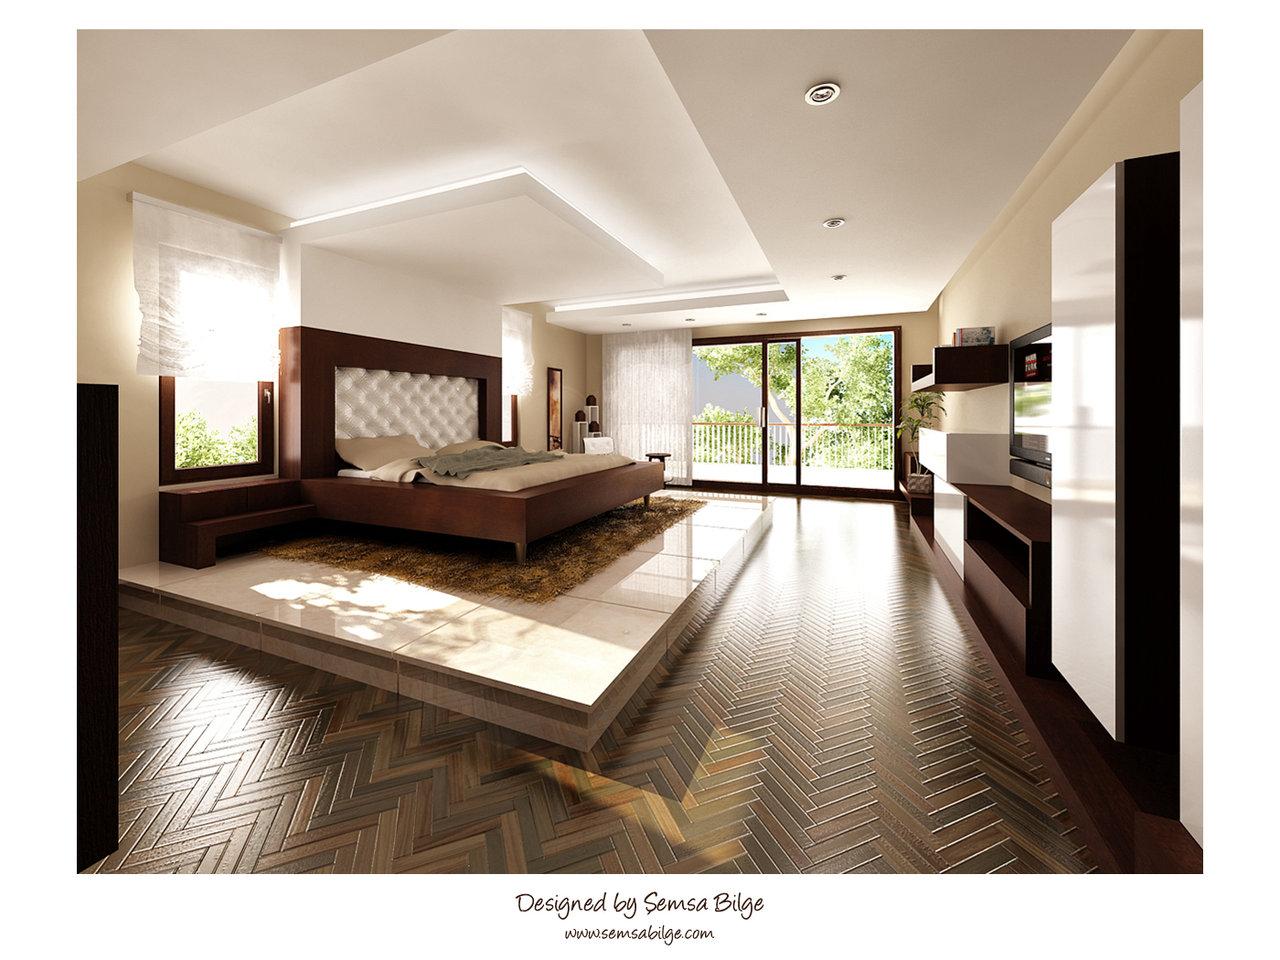 Desain Kamar Rumah Minimalis Terbaru 2016  Prathama Raghavan